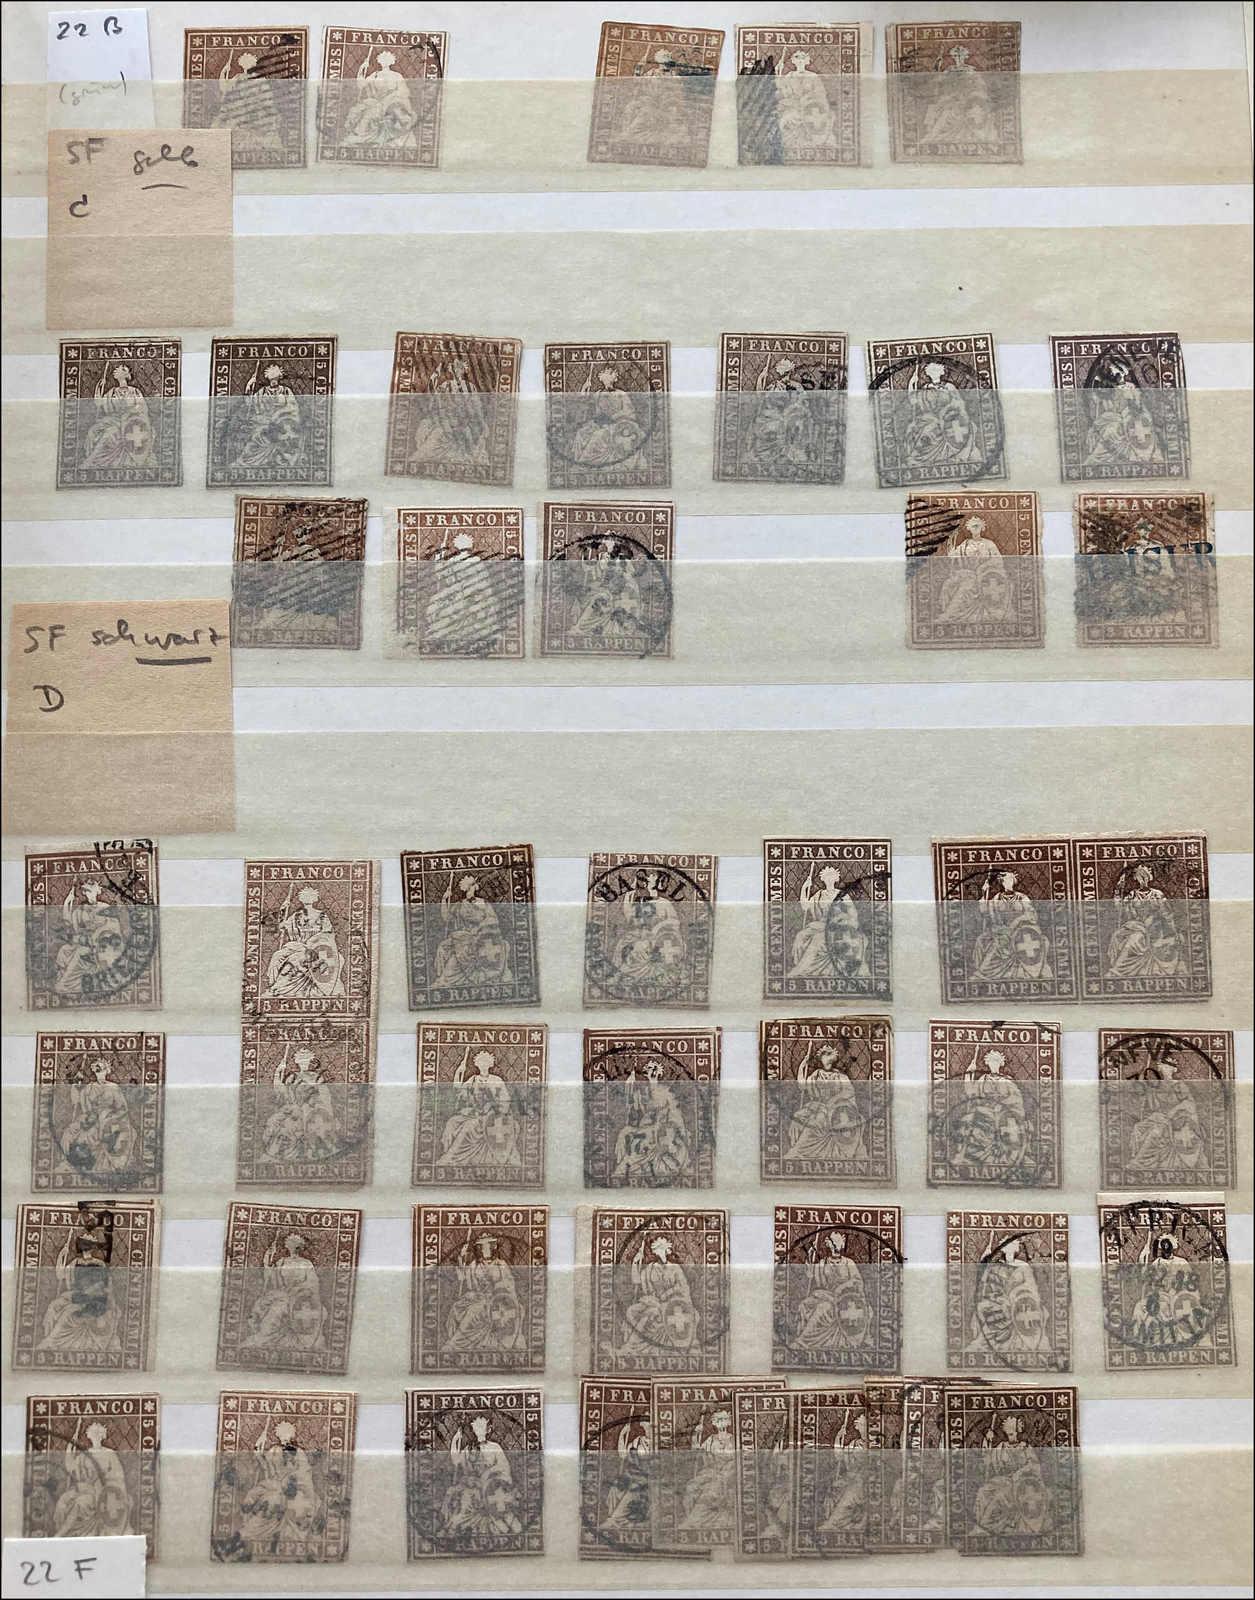 Lot 19 - sammlungen und posten sammlungen und posten altschweiz -  Rolli Auctions Auction #68 Day 1